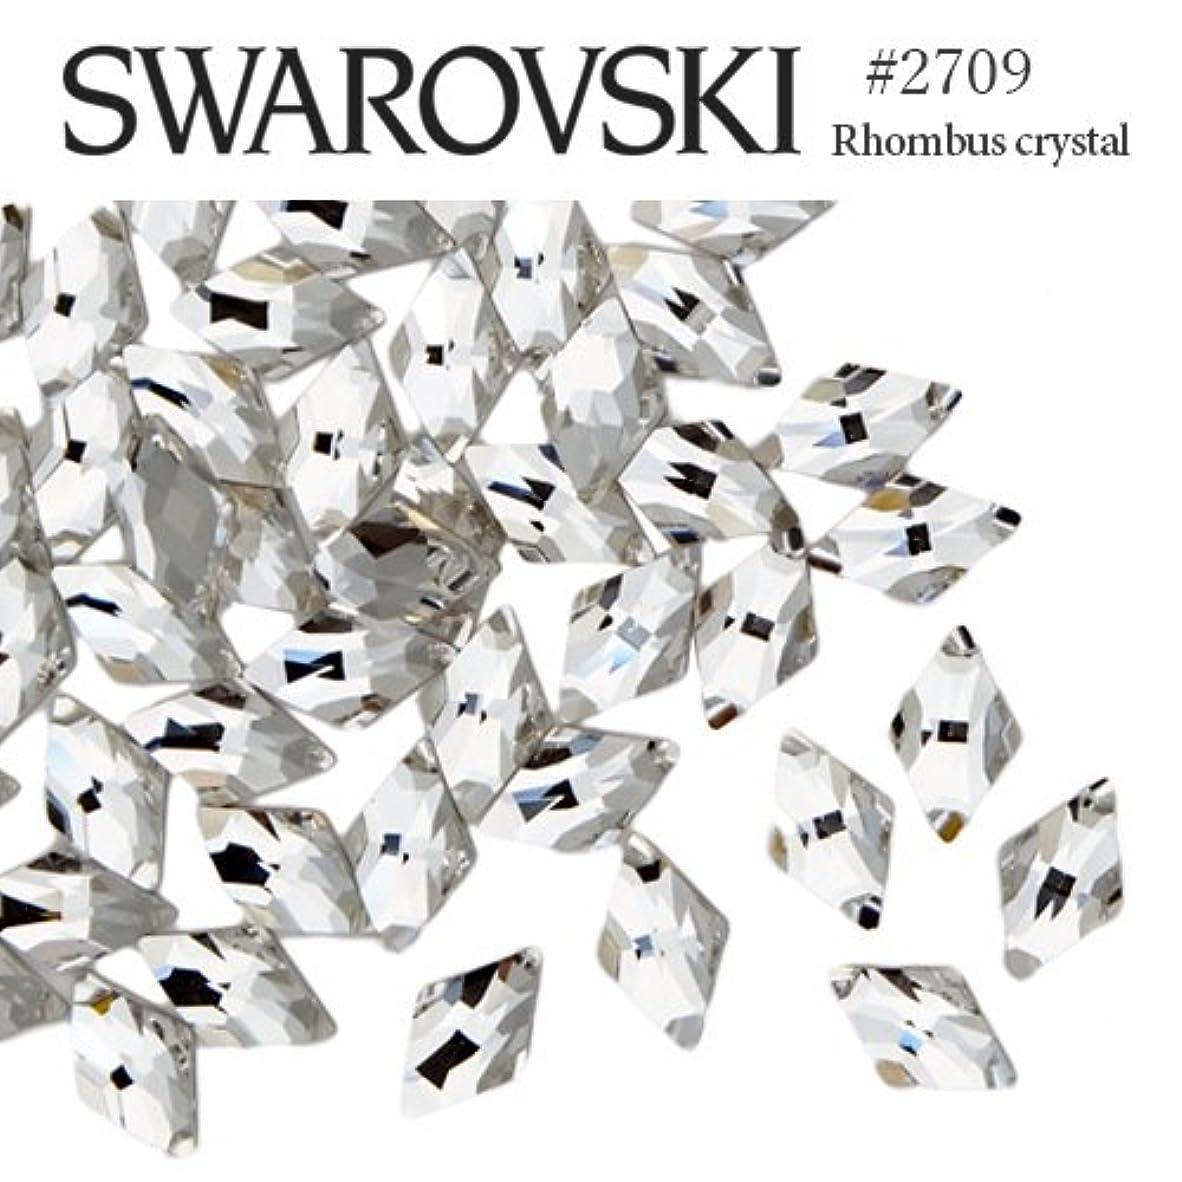 キャラバン読む単独でスワロ #2709 ダイヤ/ロンバス (ひし形) [クリスタル] 3粒入り スワロフスキー ラインストーン